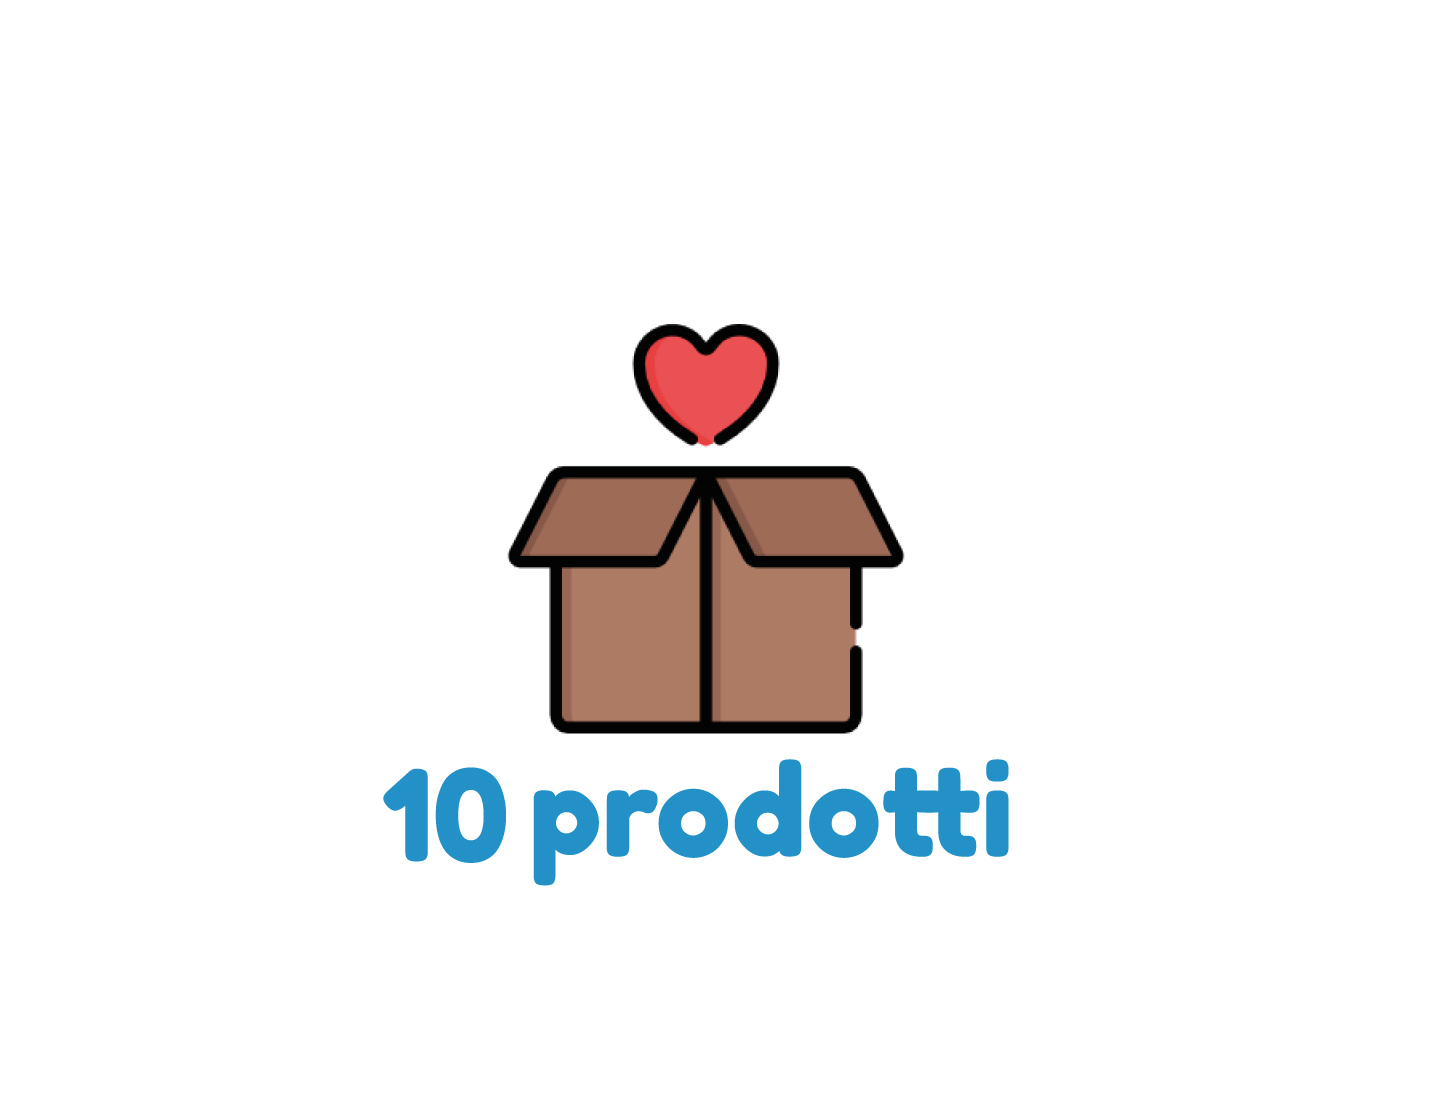 Food Box 10 Prodotti